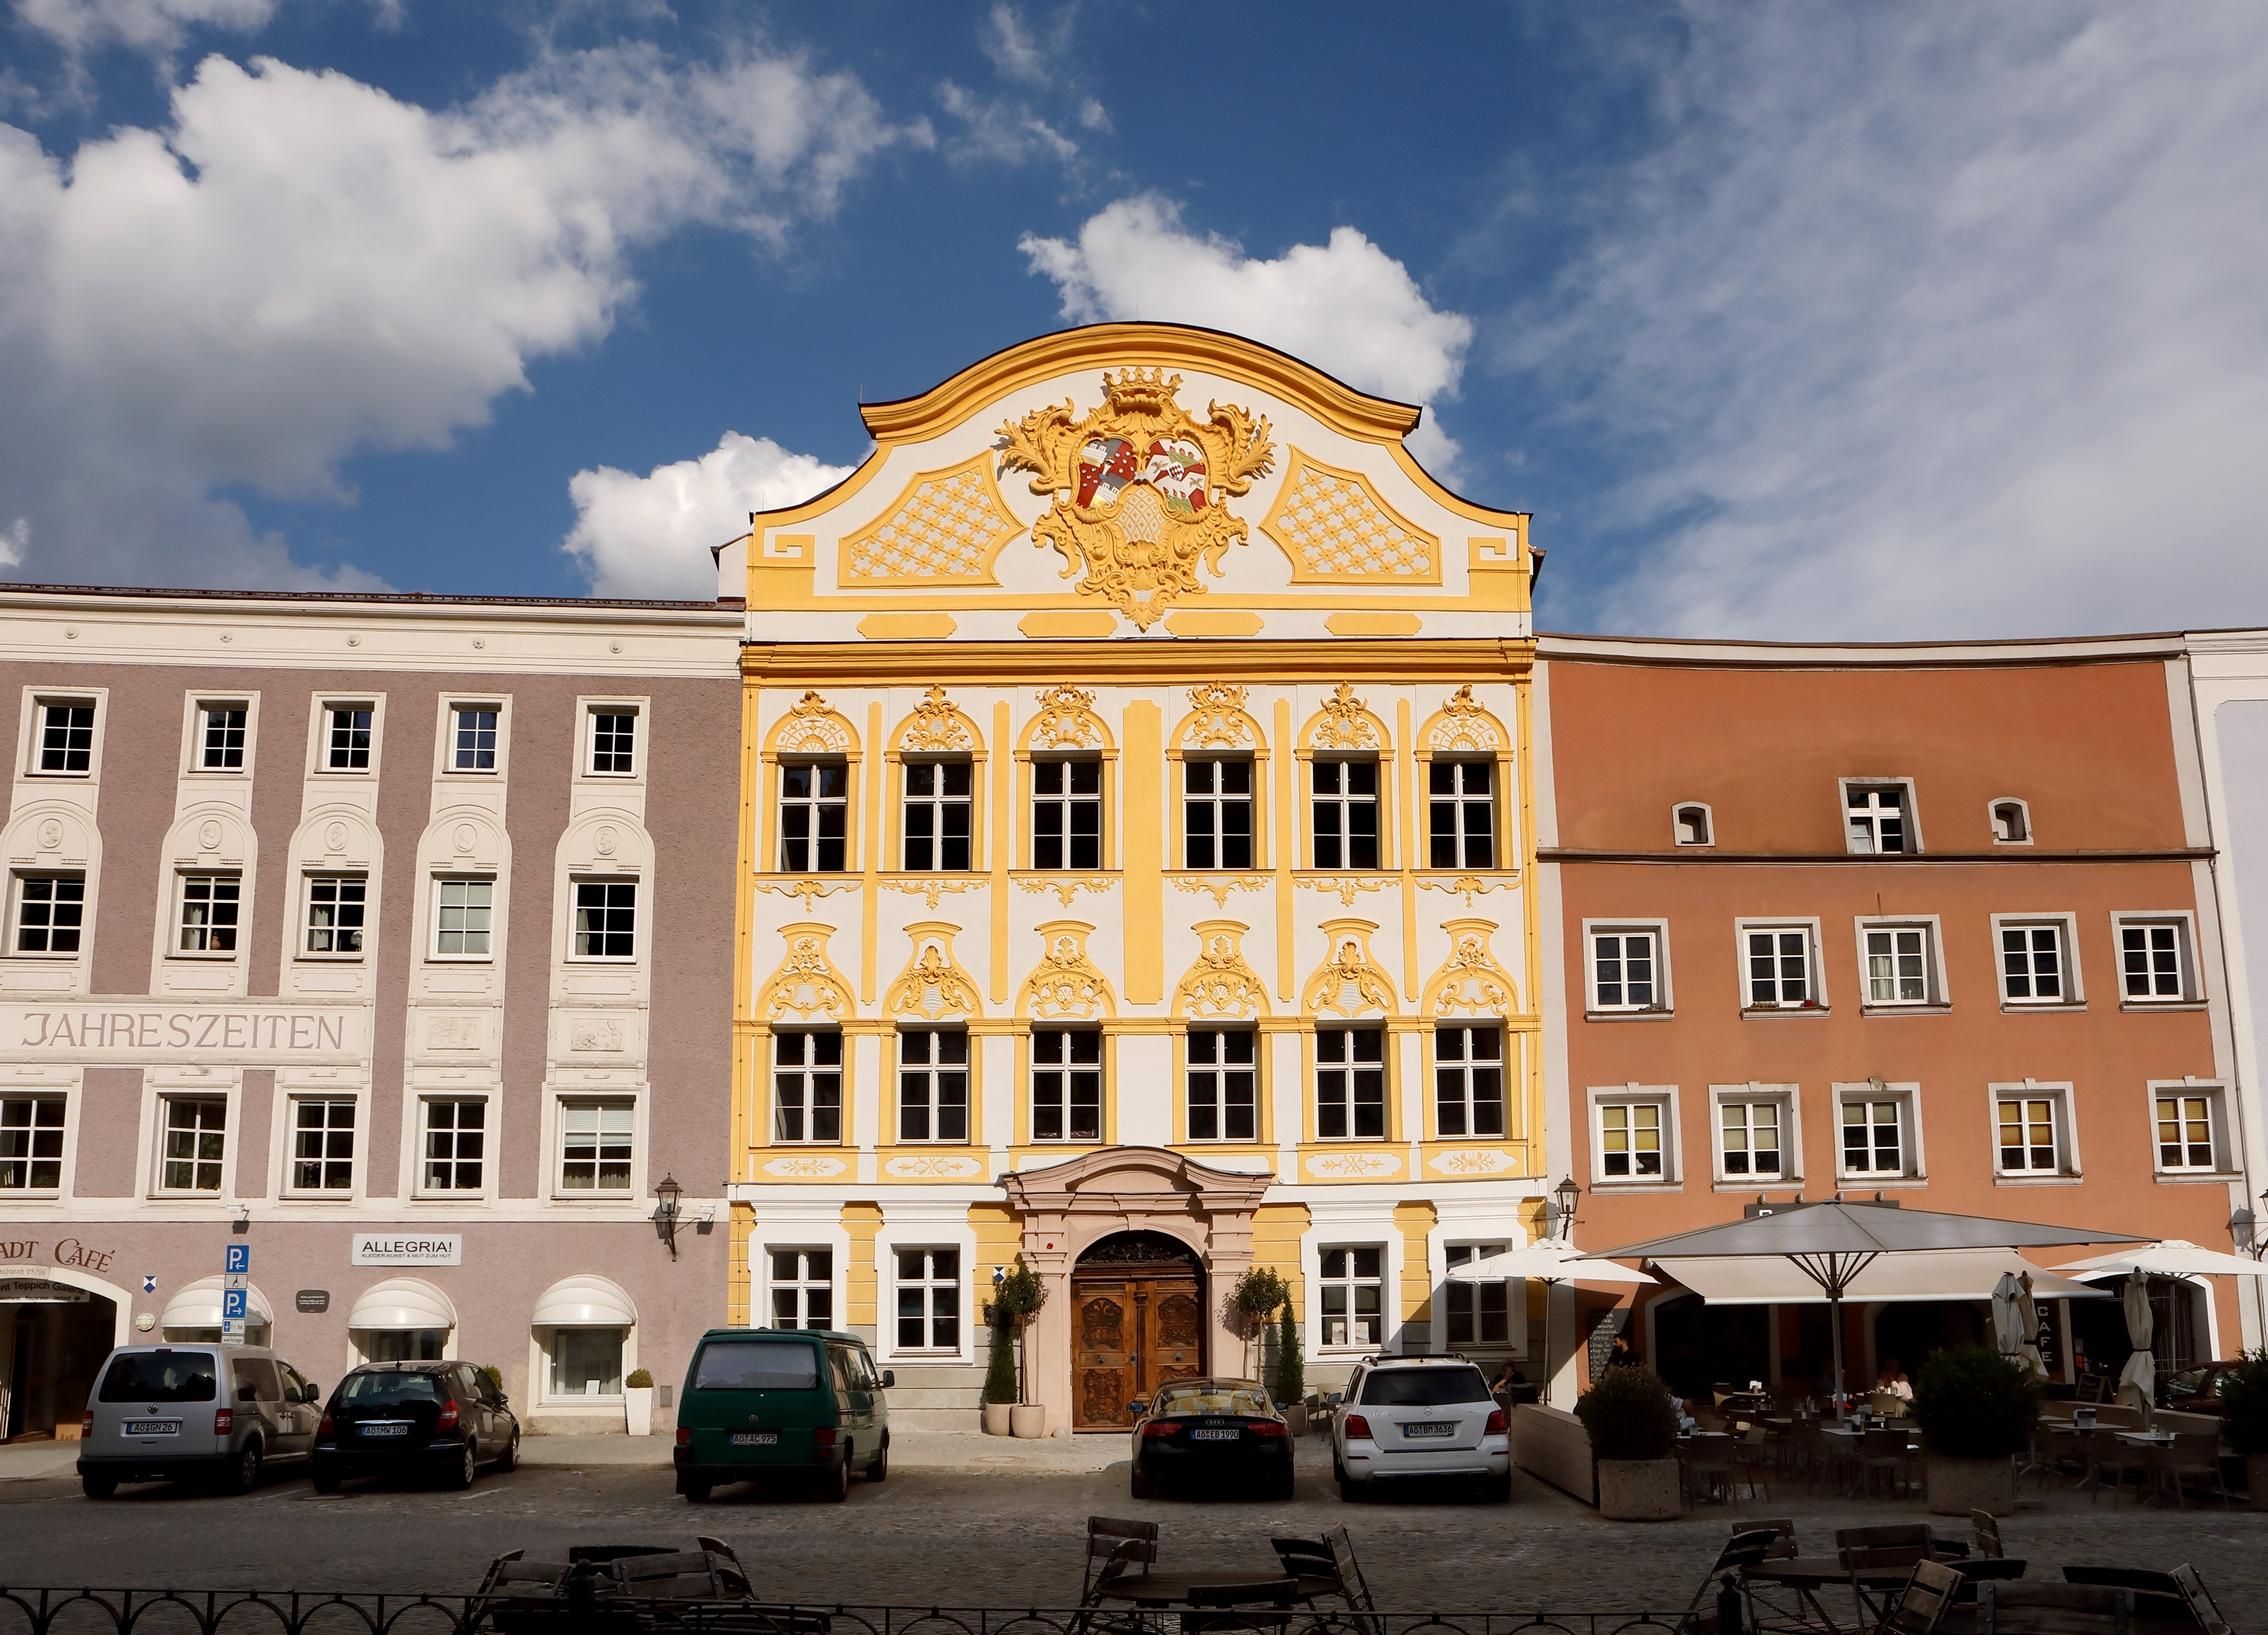 taufkirchen_18-05-09_3575_mittel